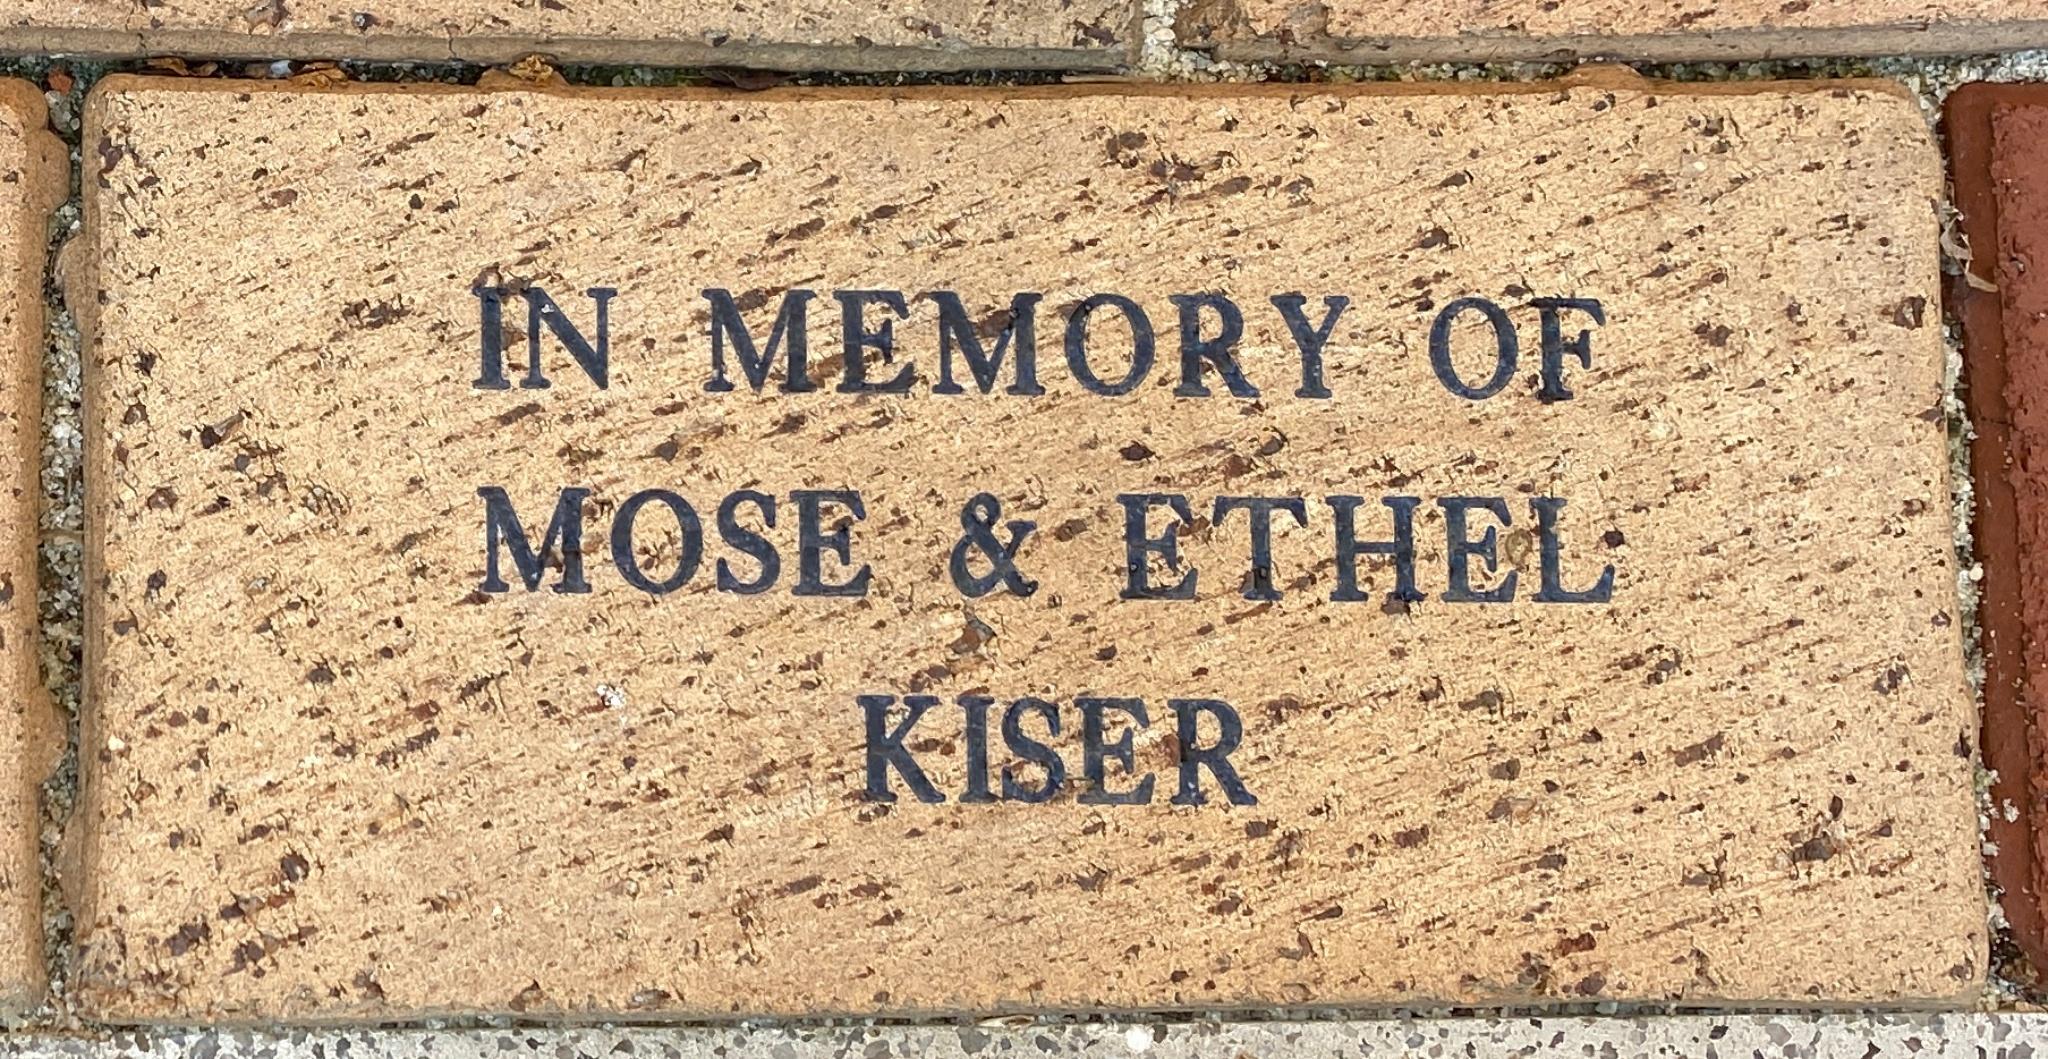 IN MEMORY OF  MOSE & ETHEL  KISER